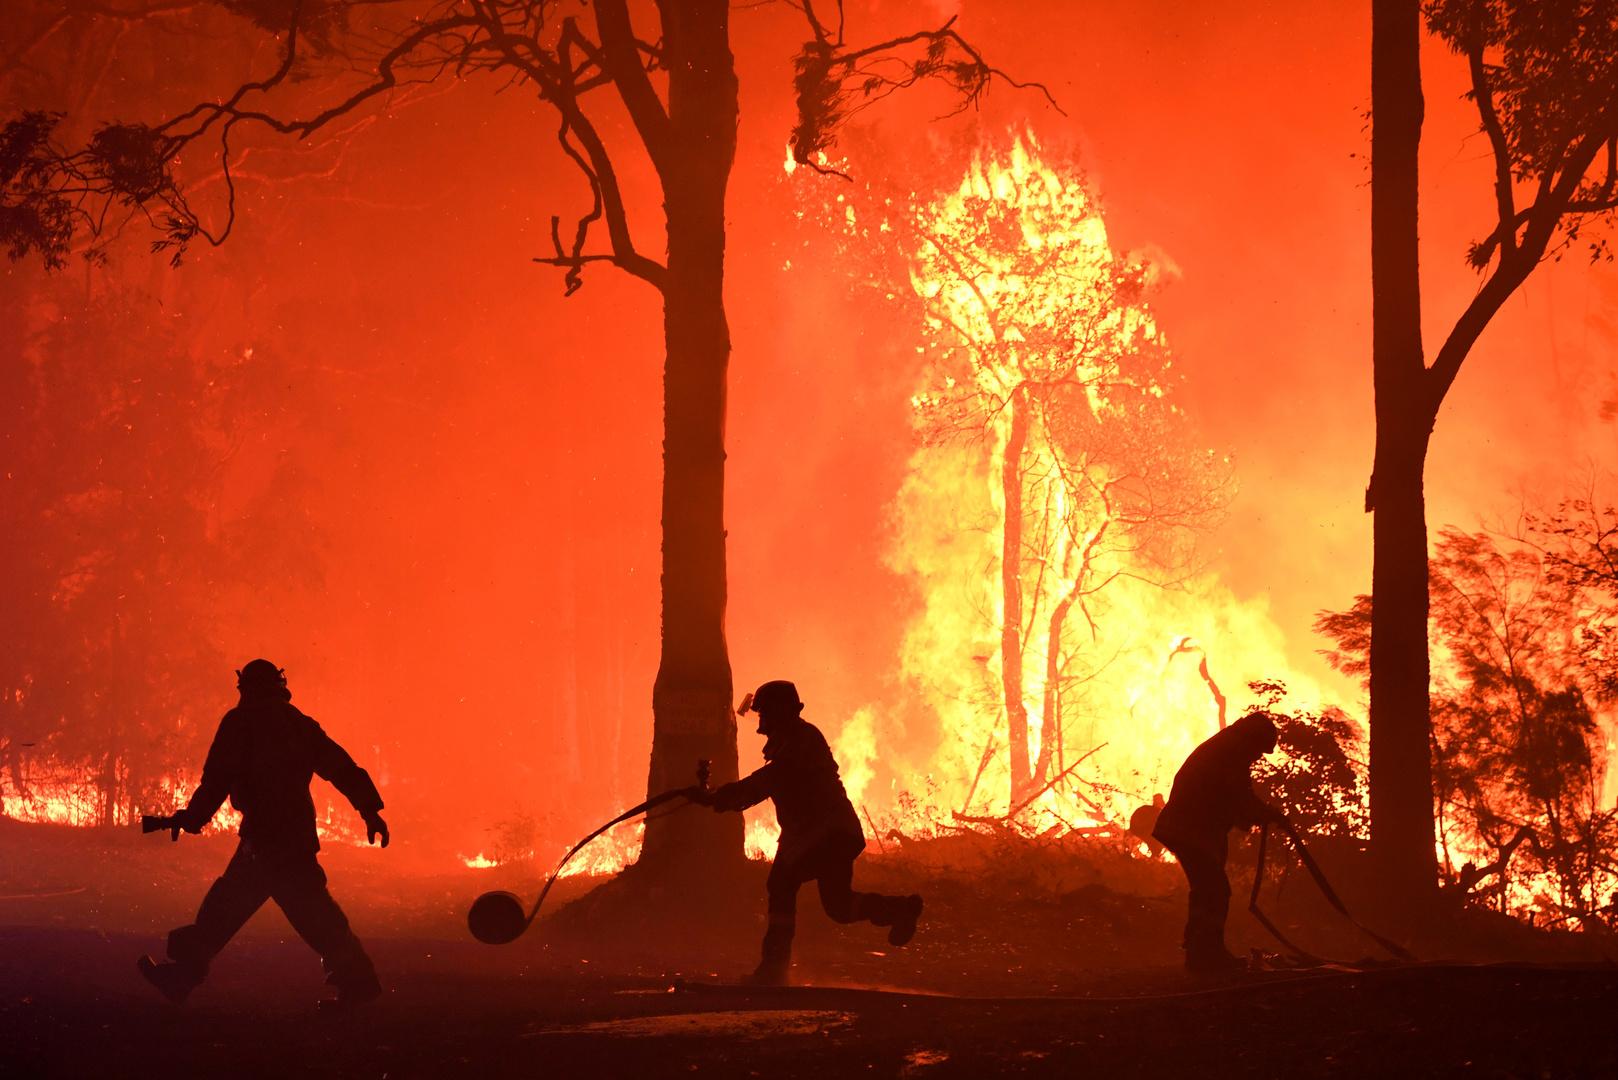 نفوق أكثر من مليار حيوان جراء حرائق أستراليا المتواصلة